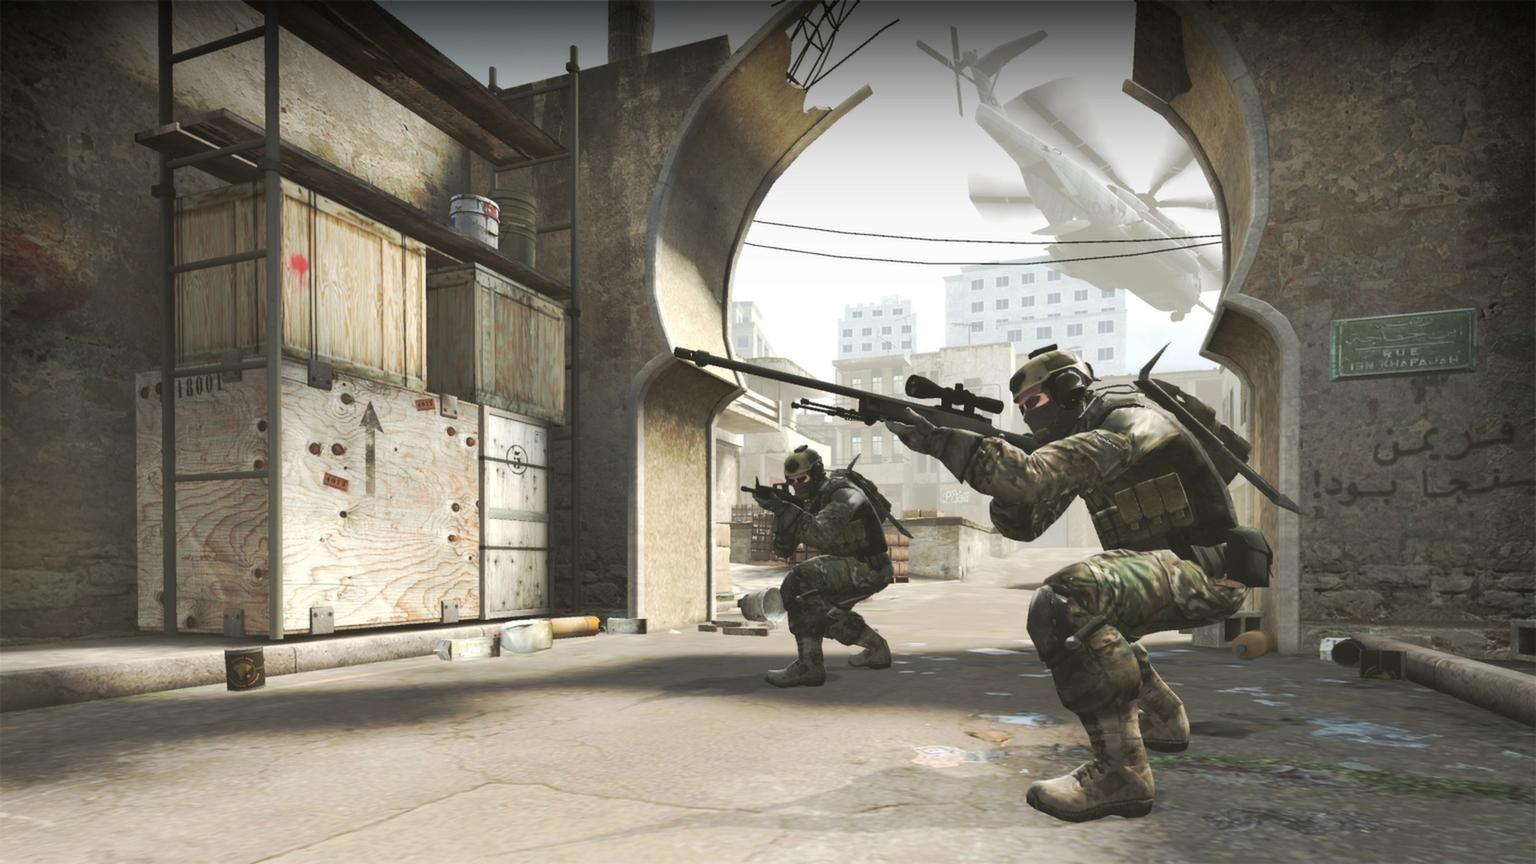 imagen de dos personajes antiterroristas de Counter-Strike Global Offensive en un mapa del juego